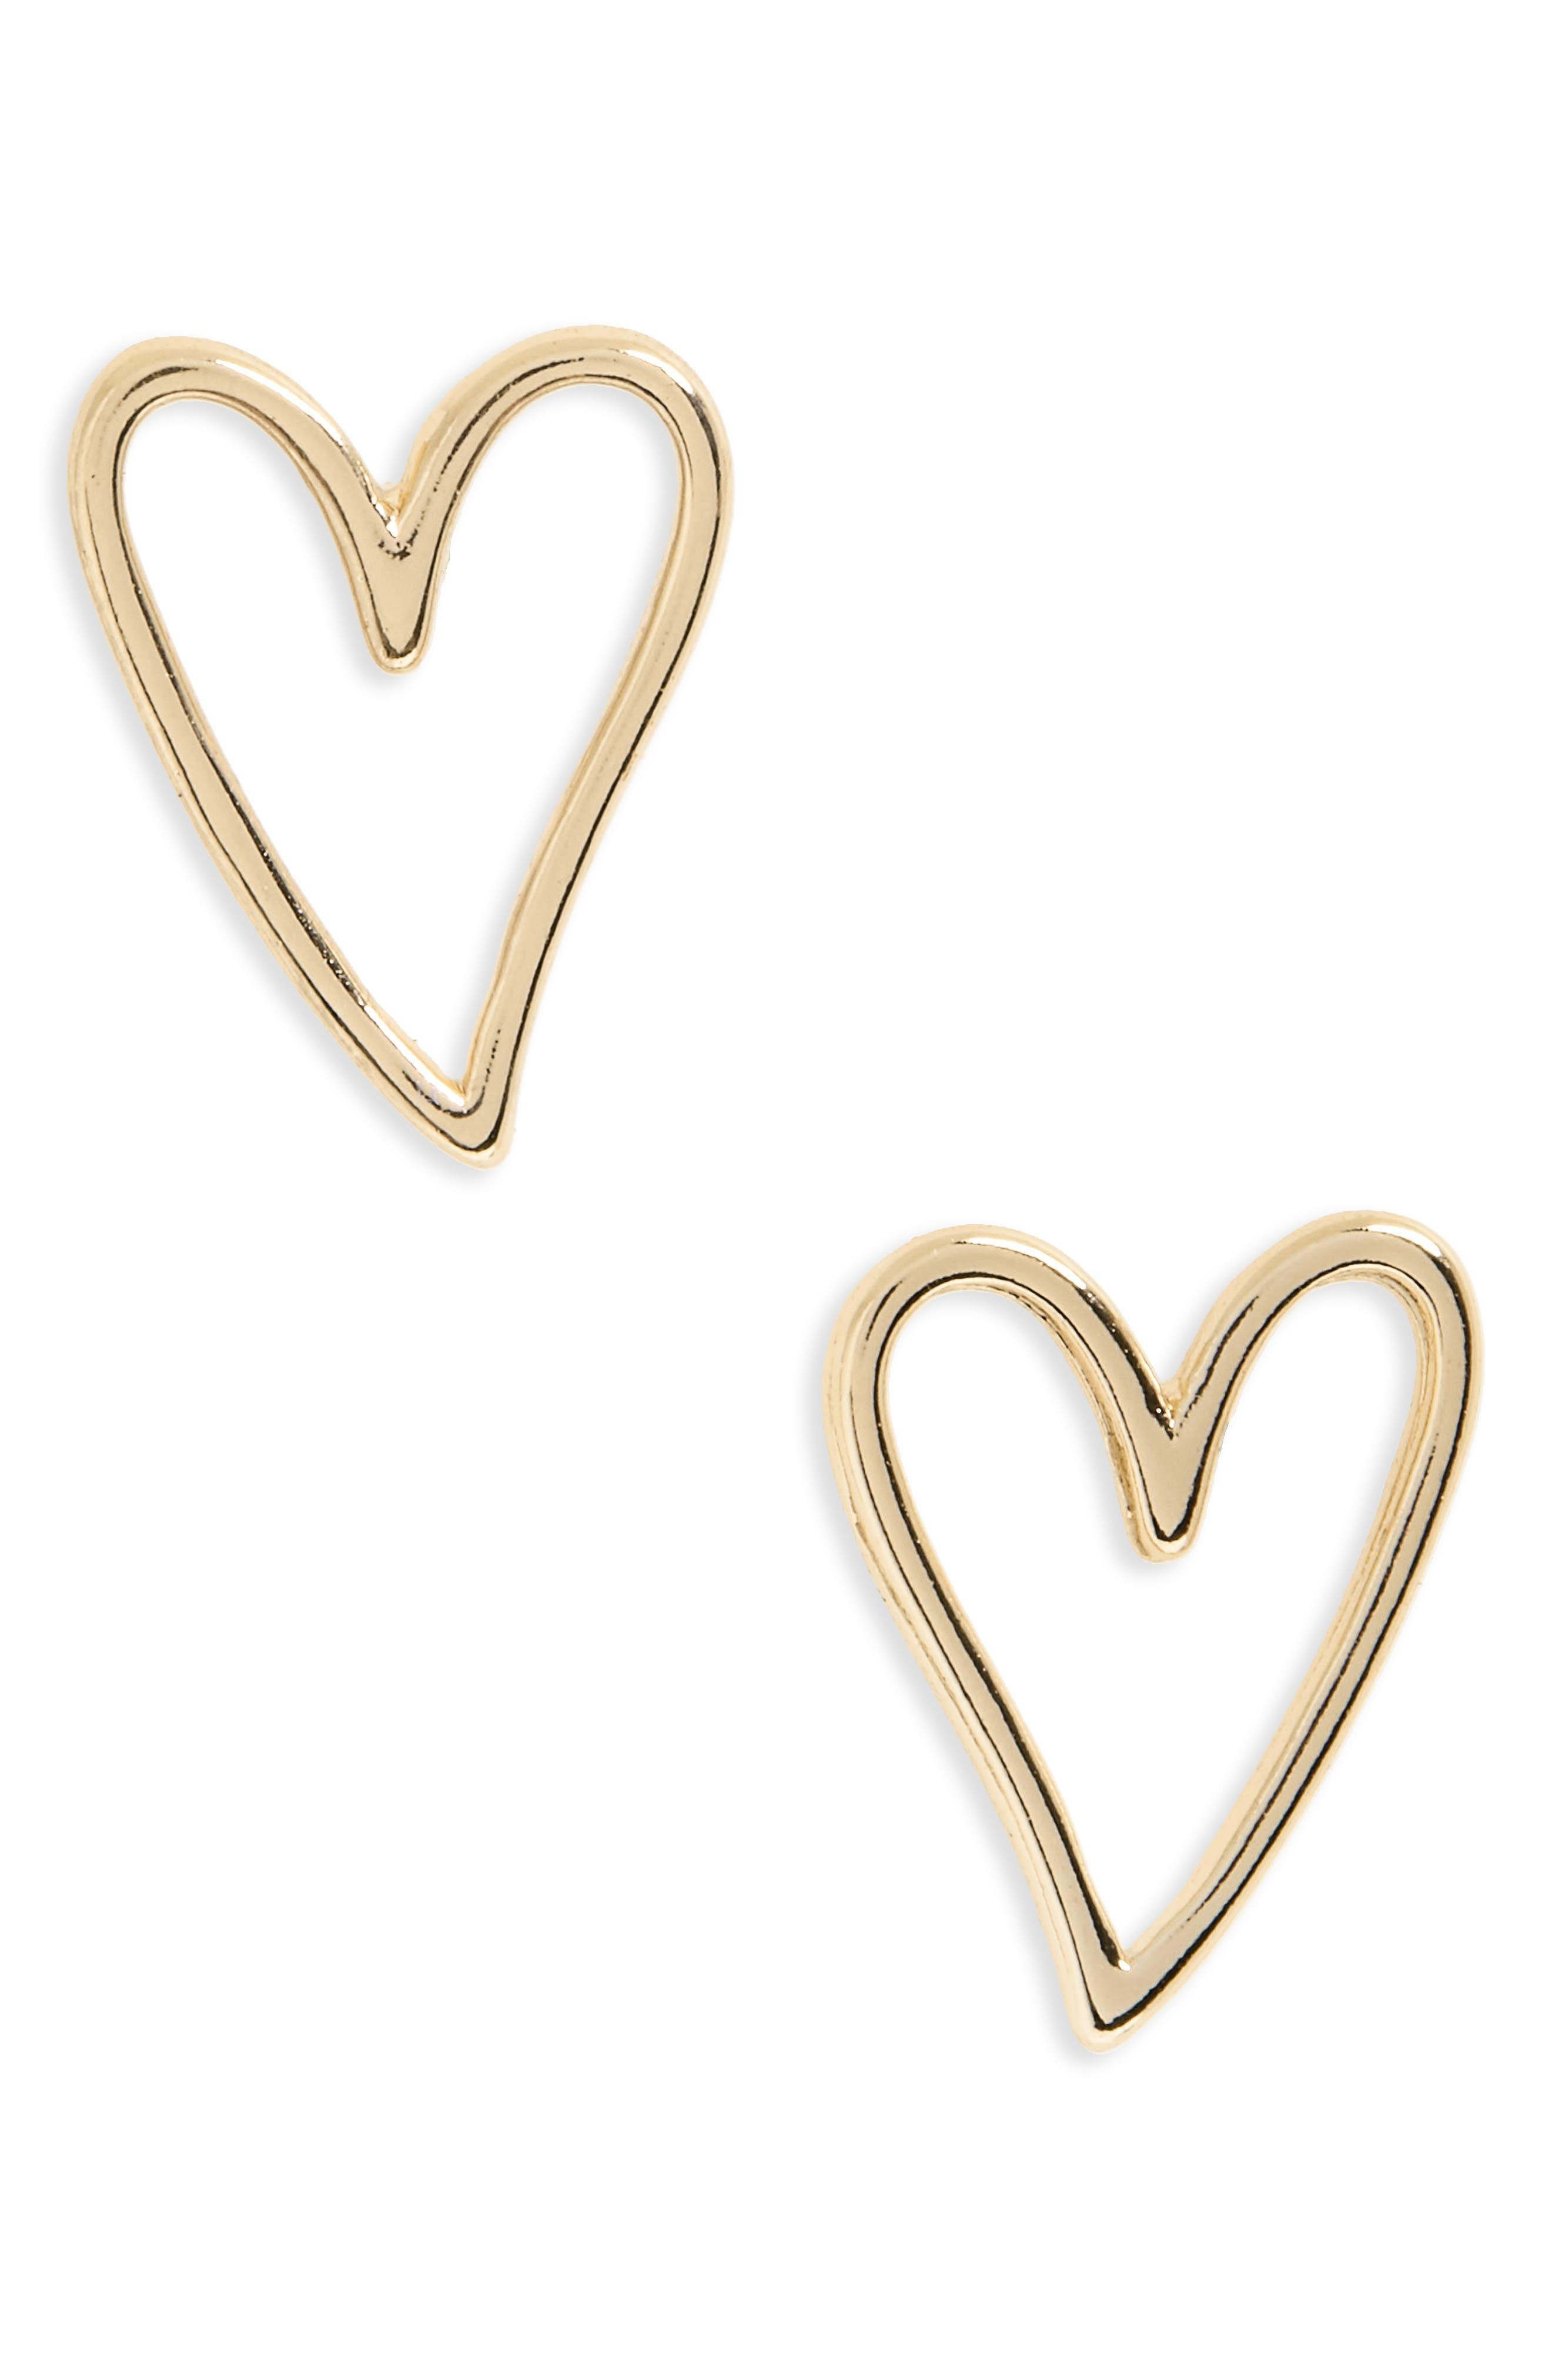 Rebecca Minkoff Open Heart Stud Earrings